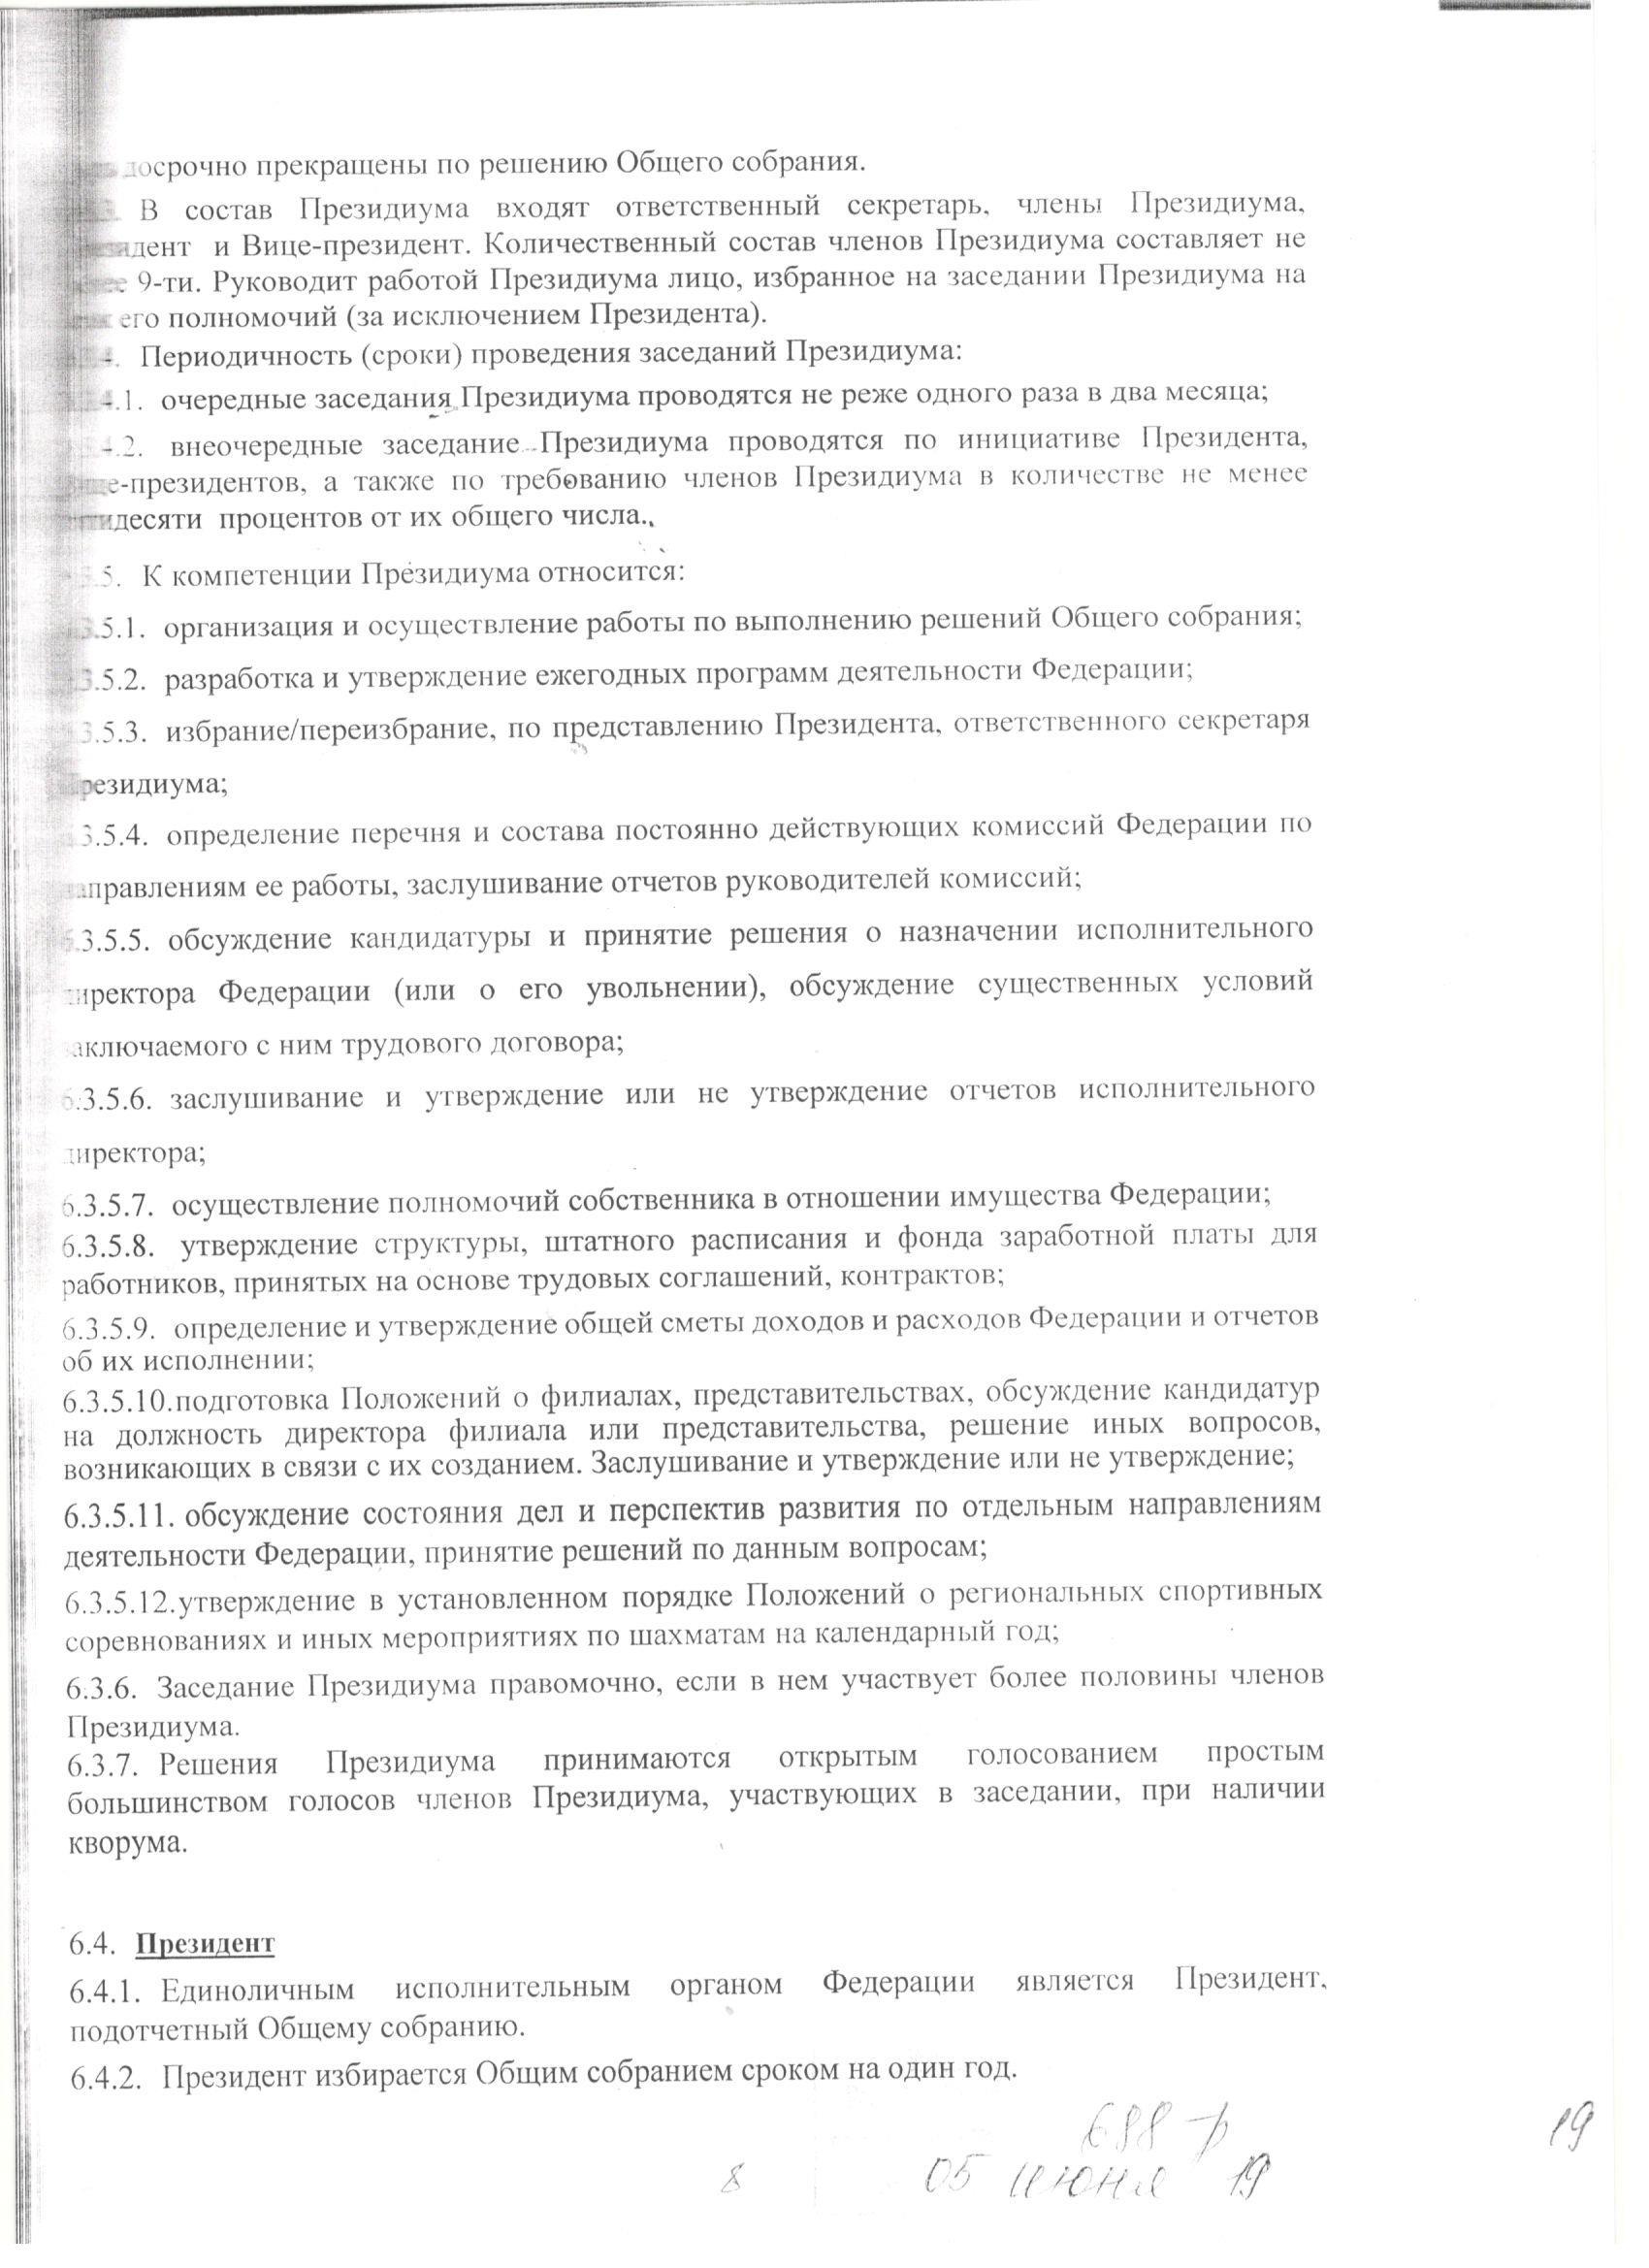 http://forumupload.ru/uploads/0014/11/ca/2/192893.jpg